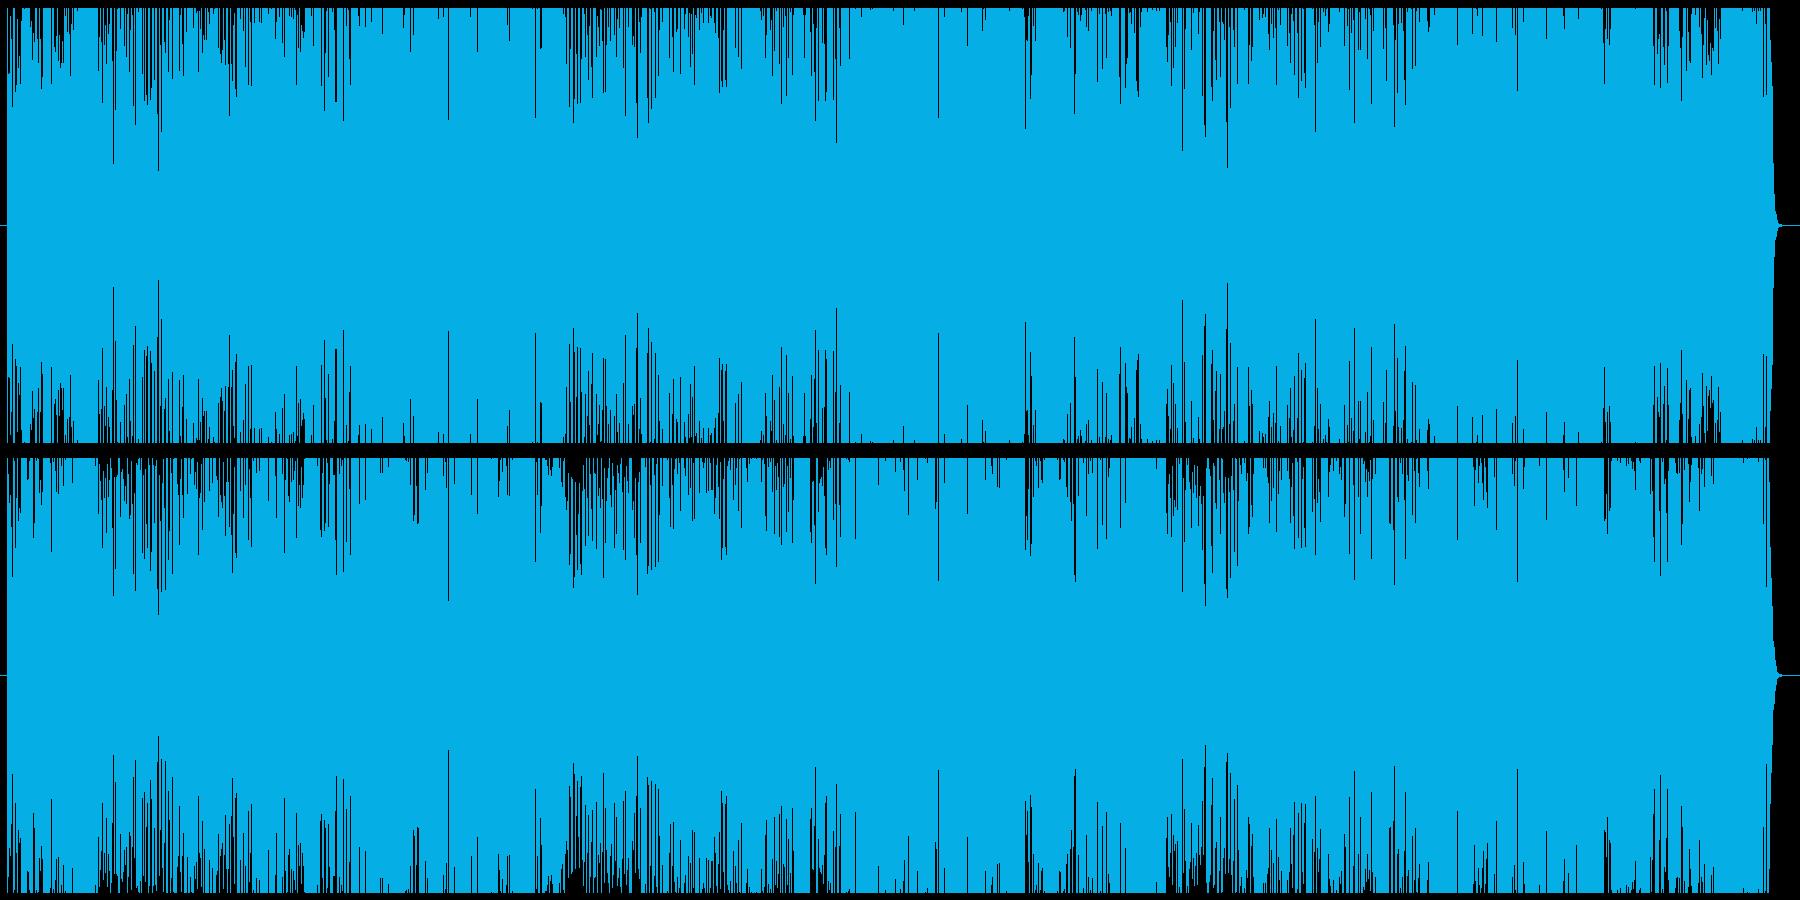 昭和のロボットアニメの主題歌風の再生済みの波形